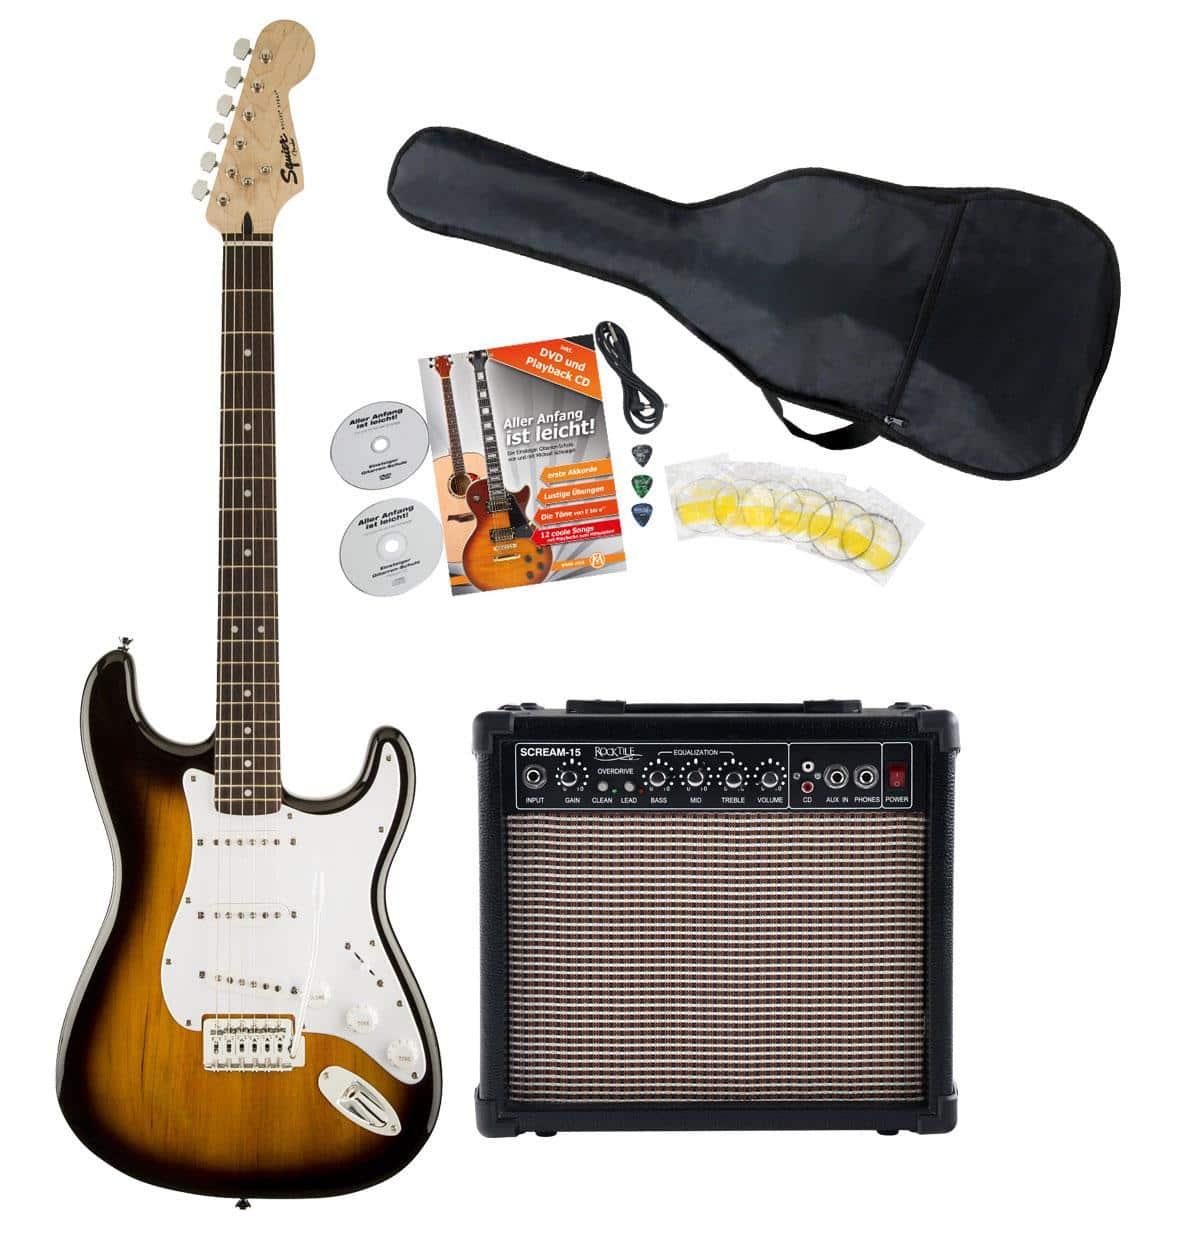 Egitarren - Fender Squier Bullet Strat IL BSB Starter Set - Onlineshop Musikhaus Kirstein